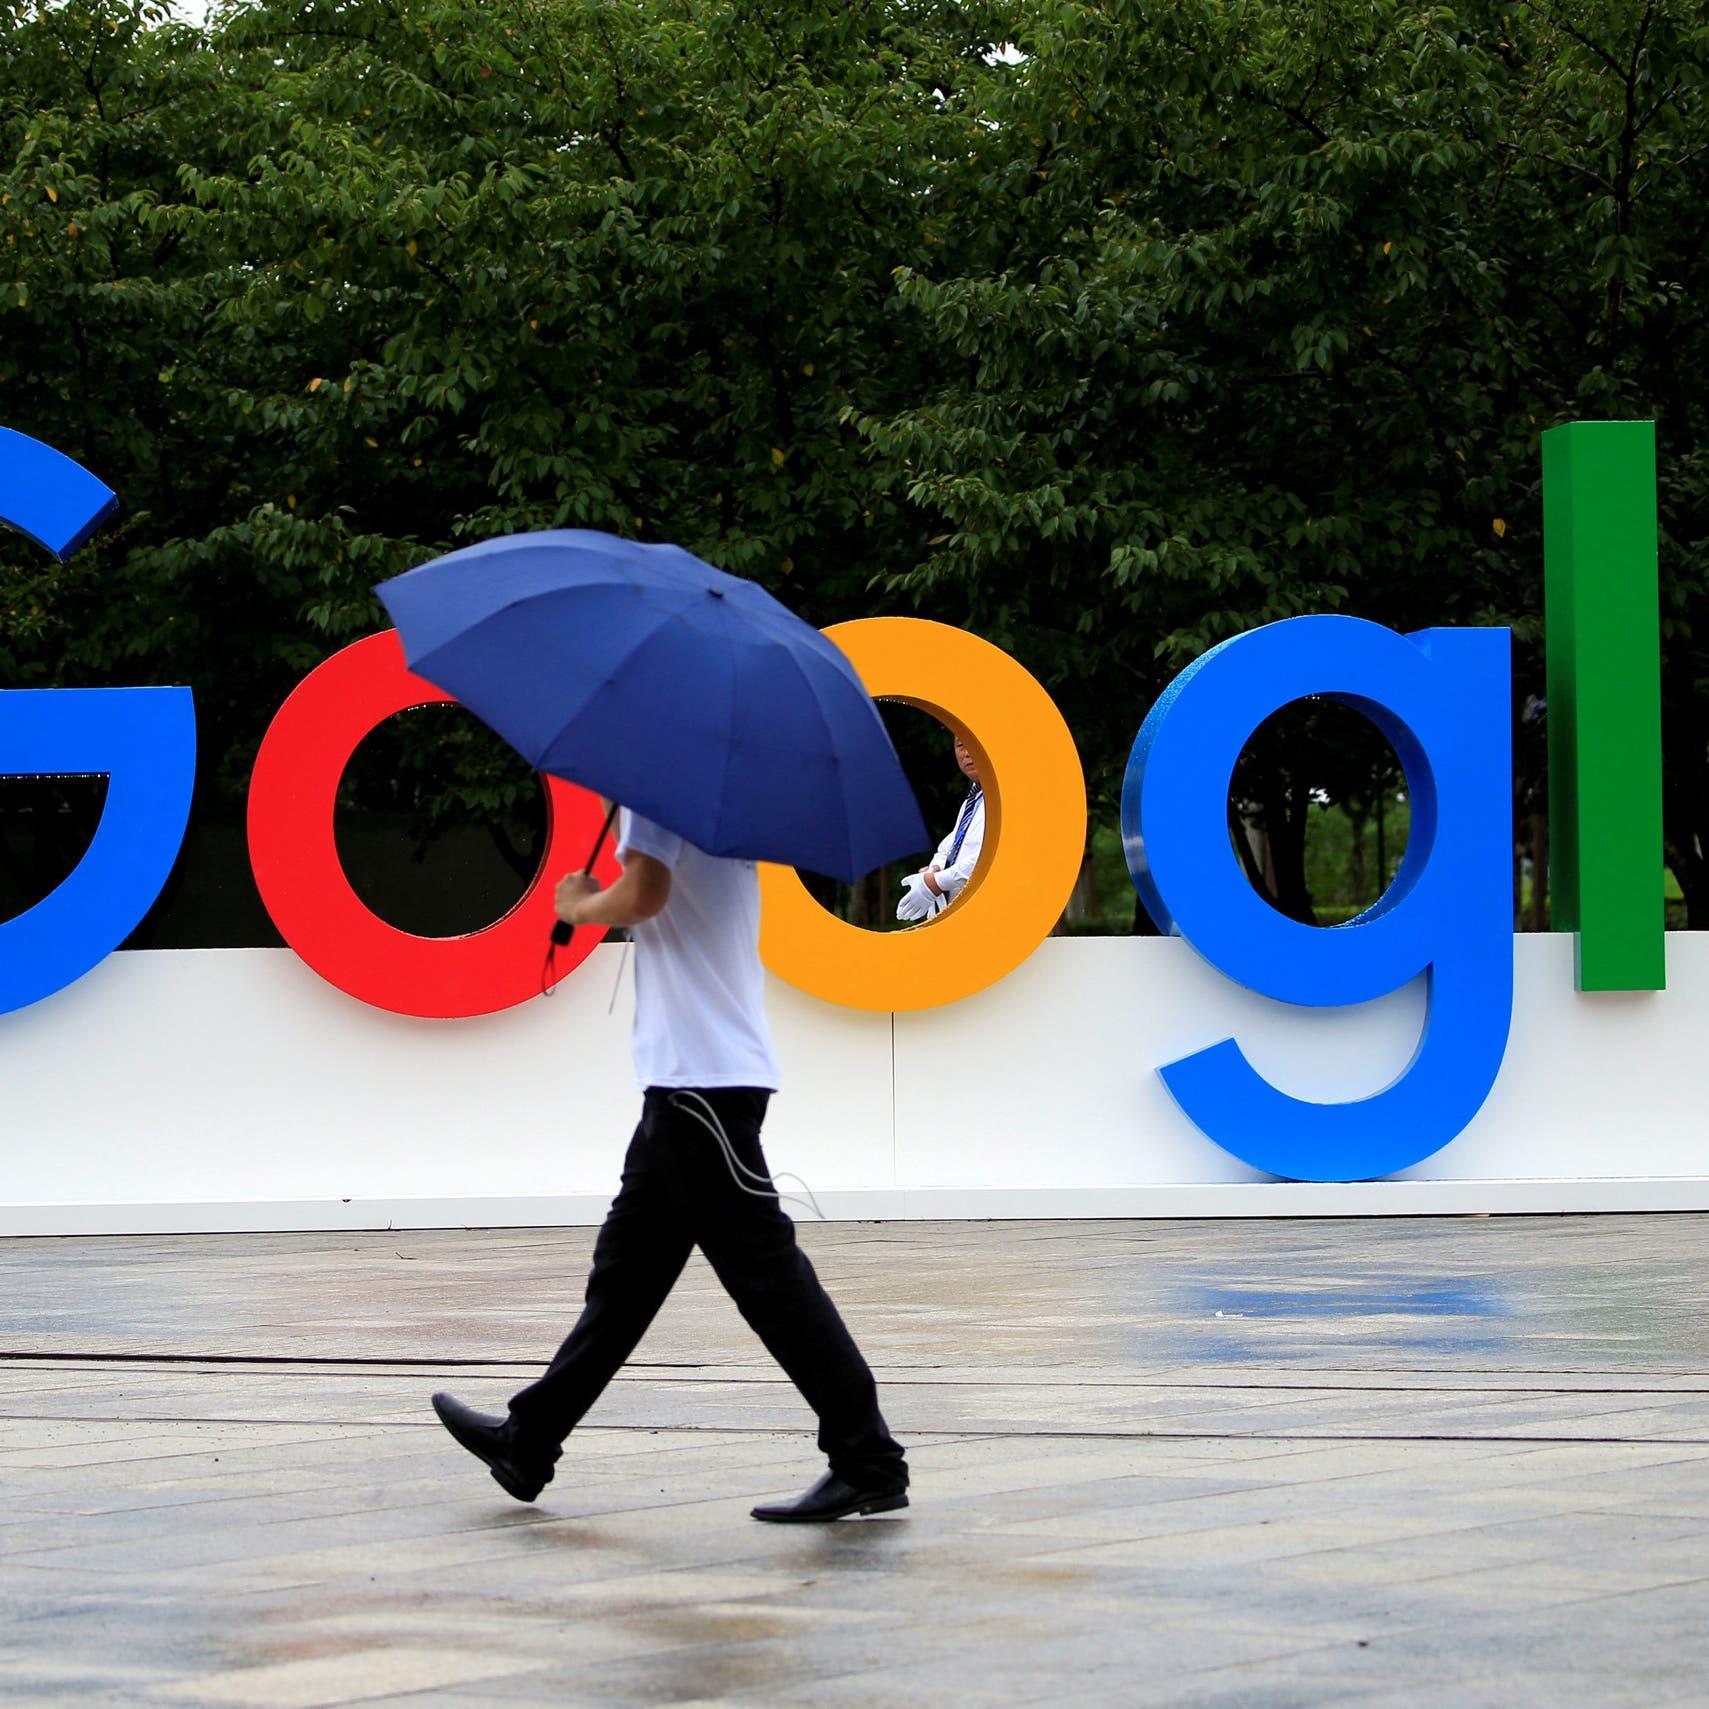 """10 ولايات أميركية تقاضي """"غوغل"""" بدعوى هيمنة نشاطها الإعلاني"""